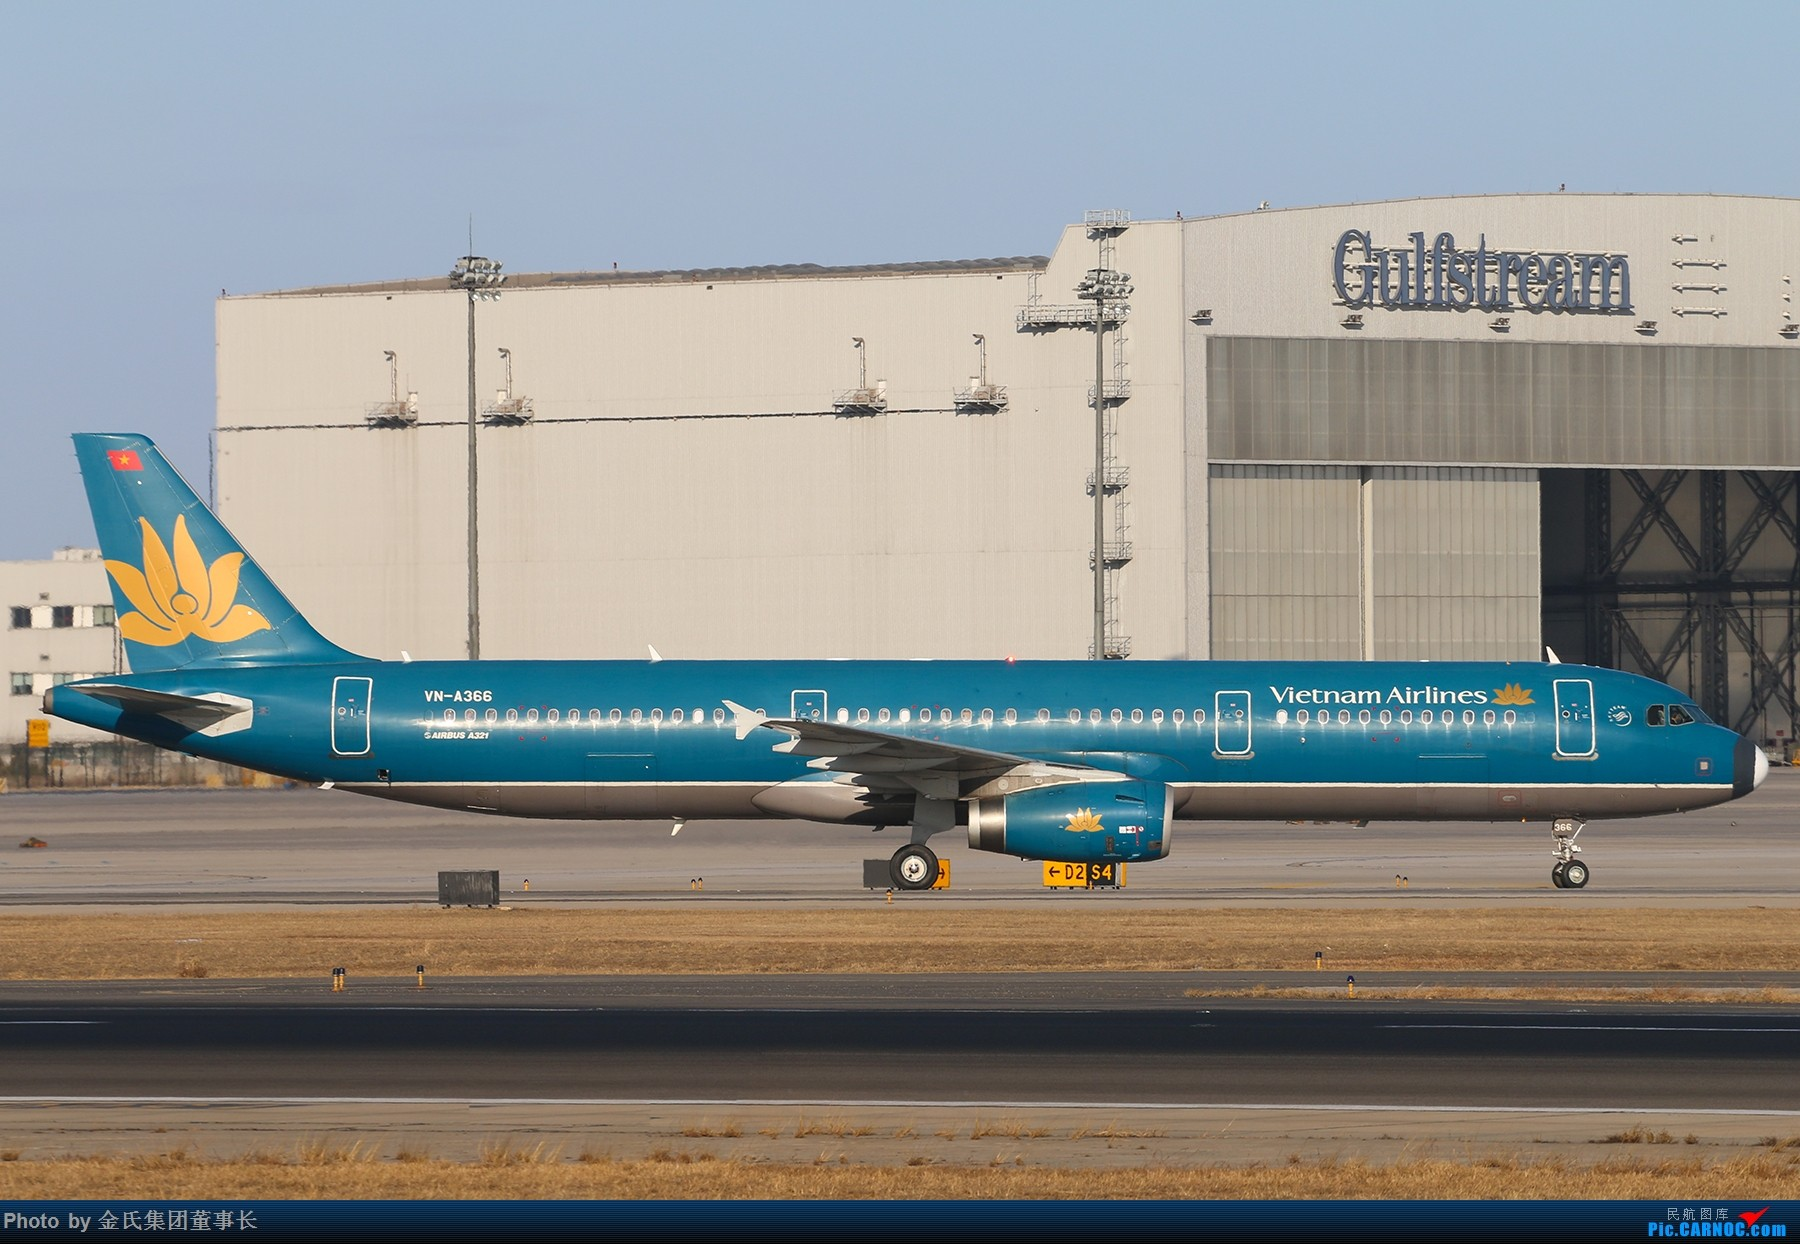 Re:[原创]【董事长】PEK西跑.好天好货 AIRBUS A321 VN-A366 中国北京首都国际机场